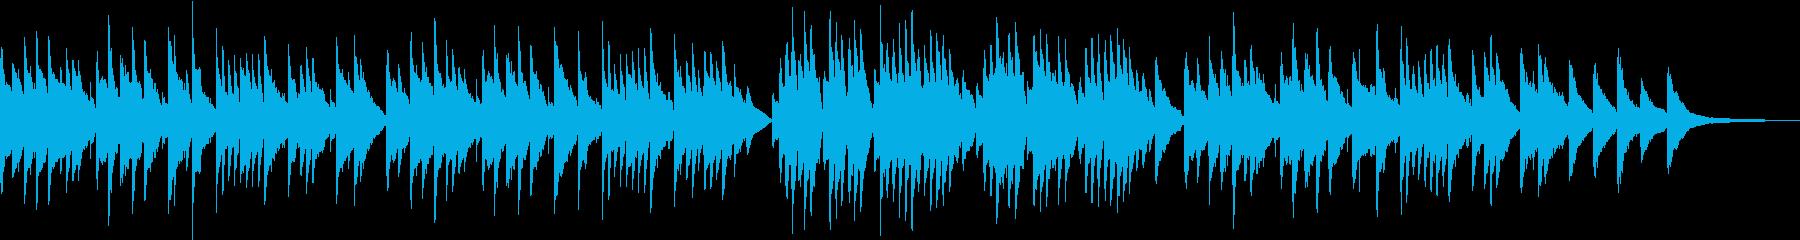 卒業式っぽいピアノ曲の再生済みの波形